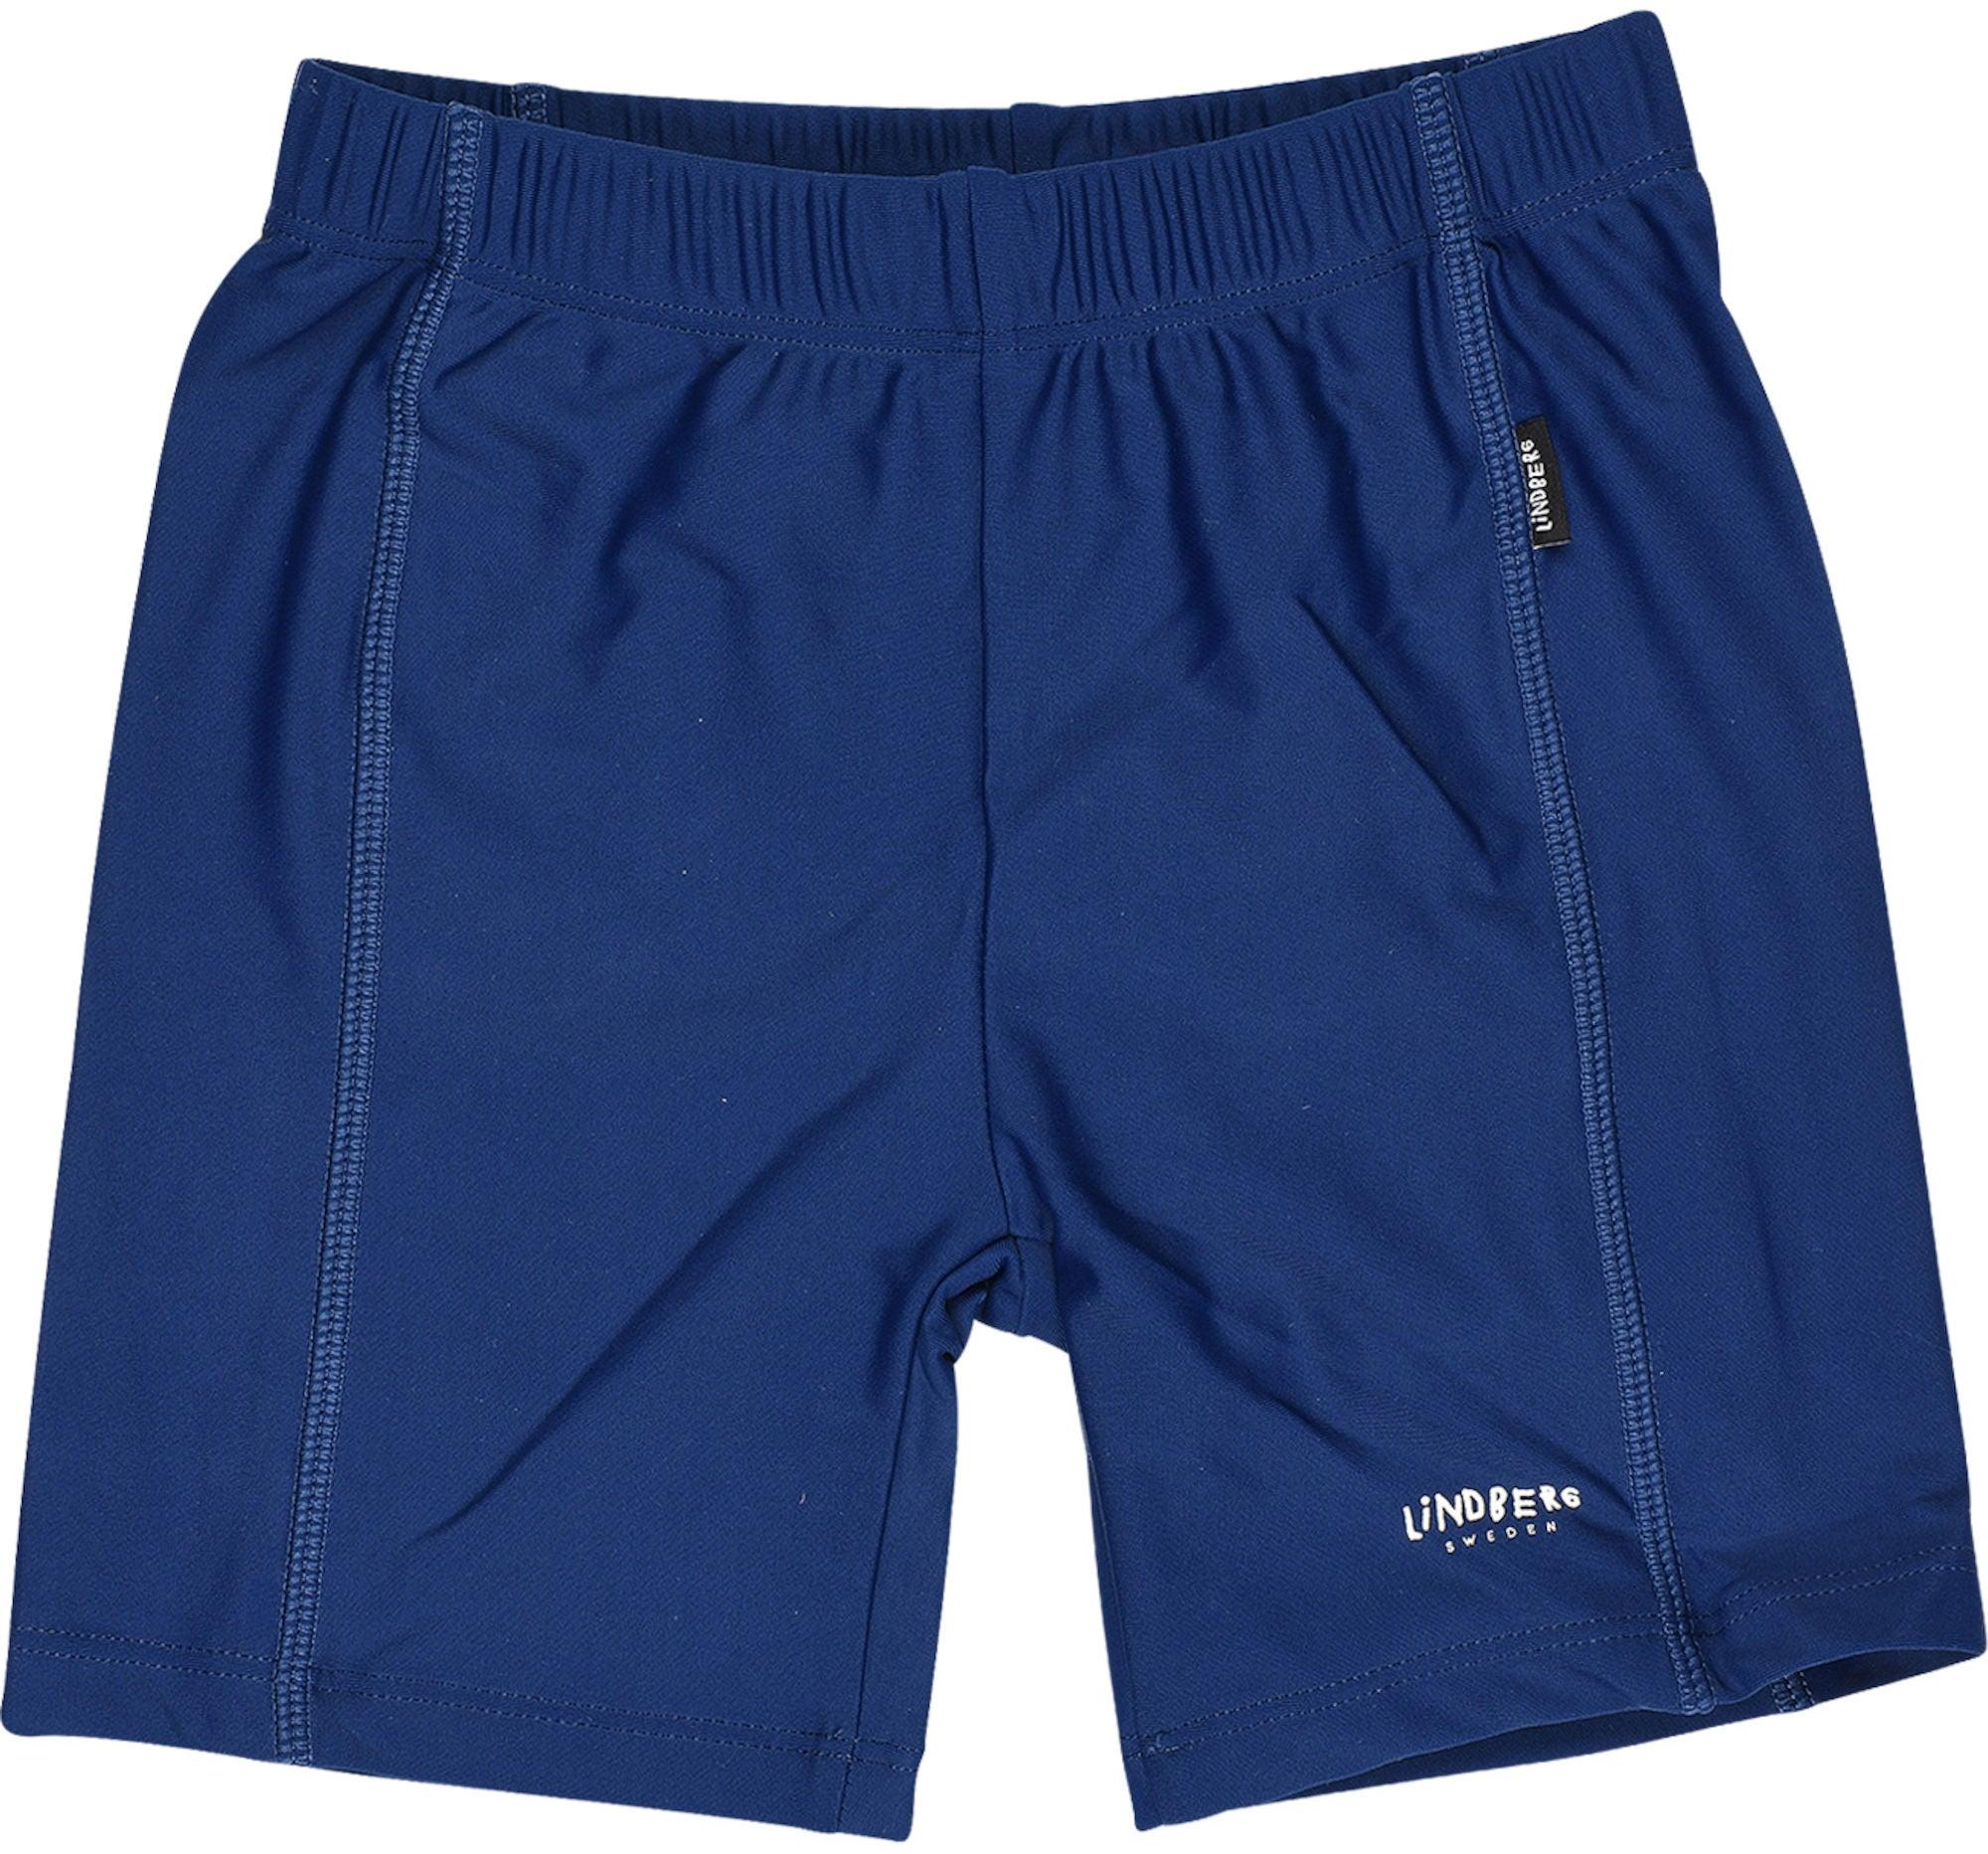 Lindberg Korfu UV-Shorts, Navy 110-116